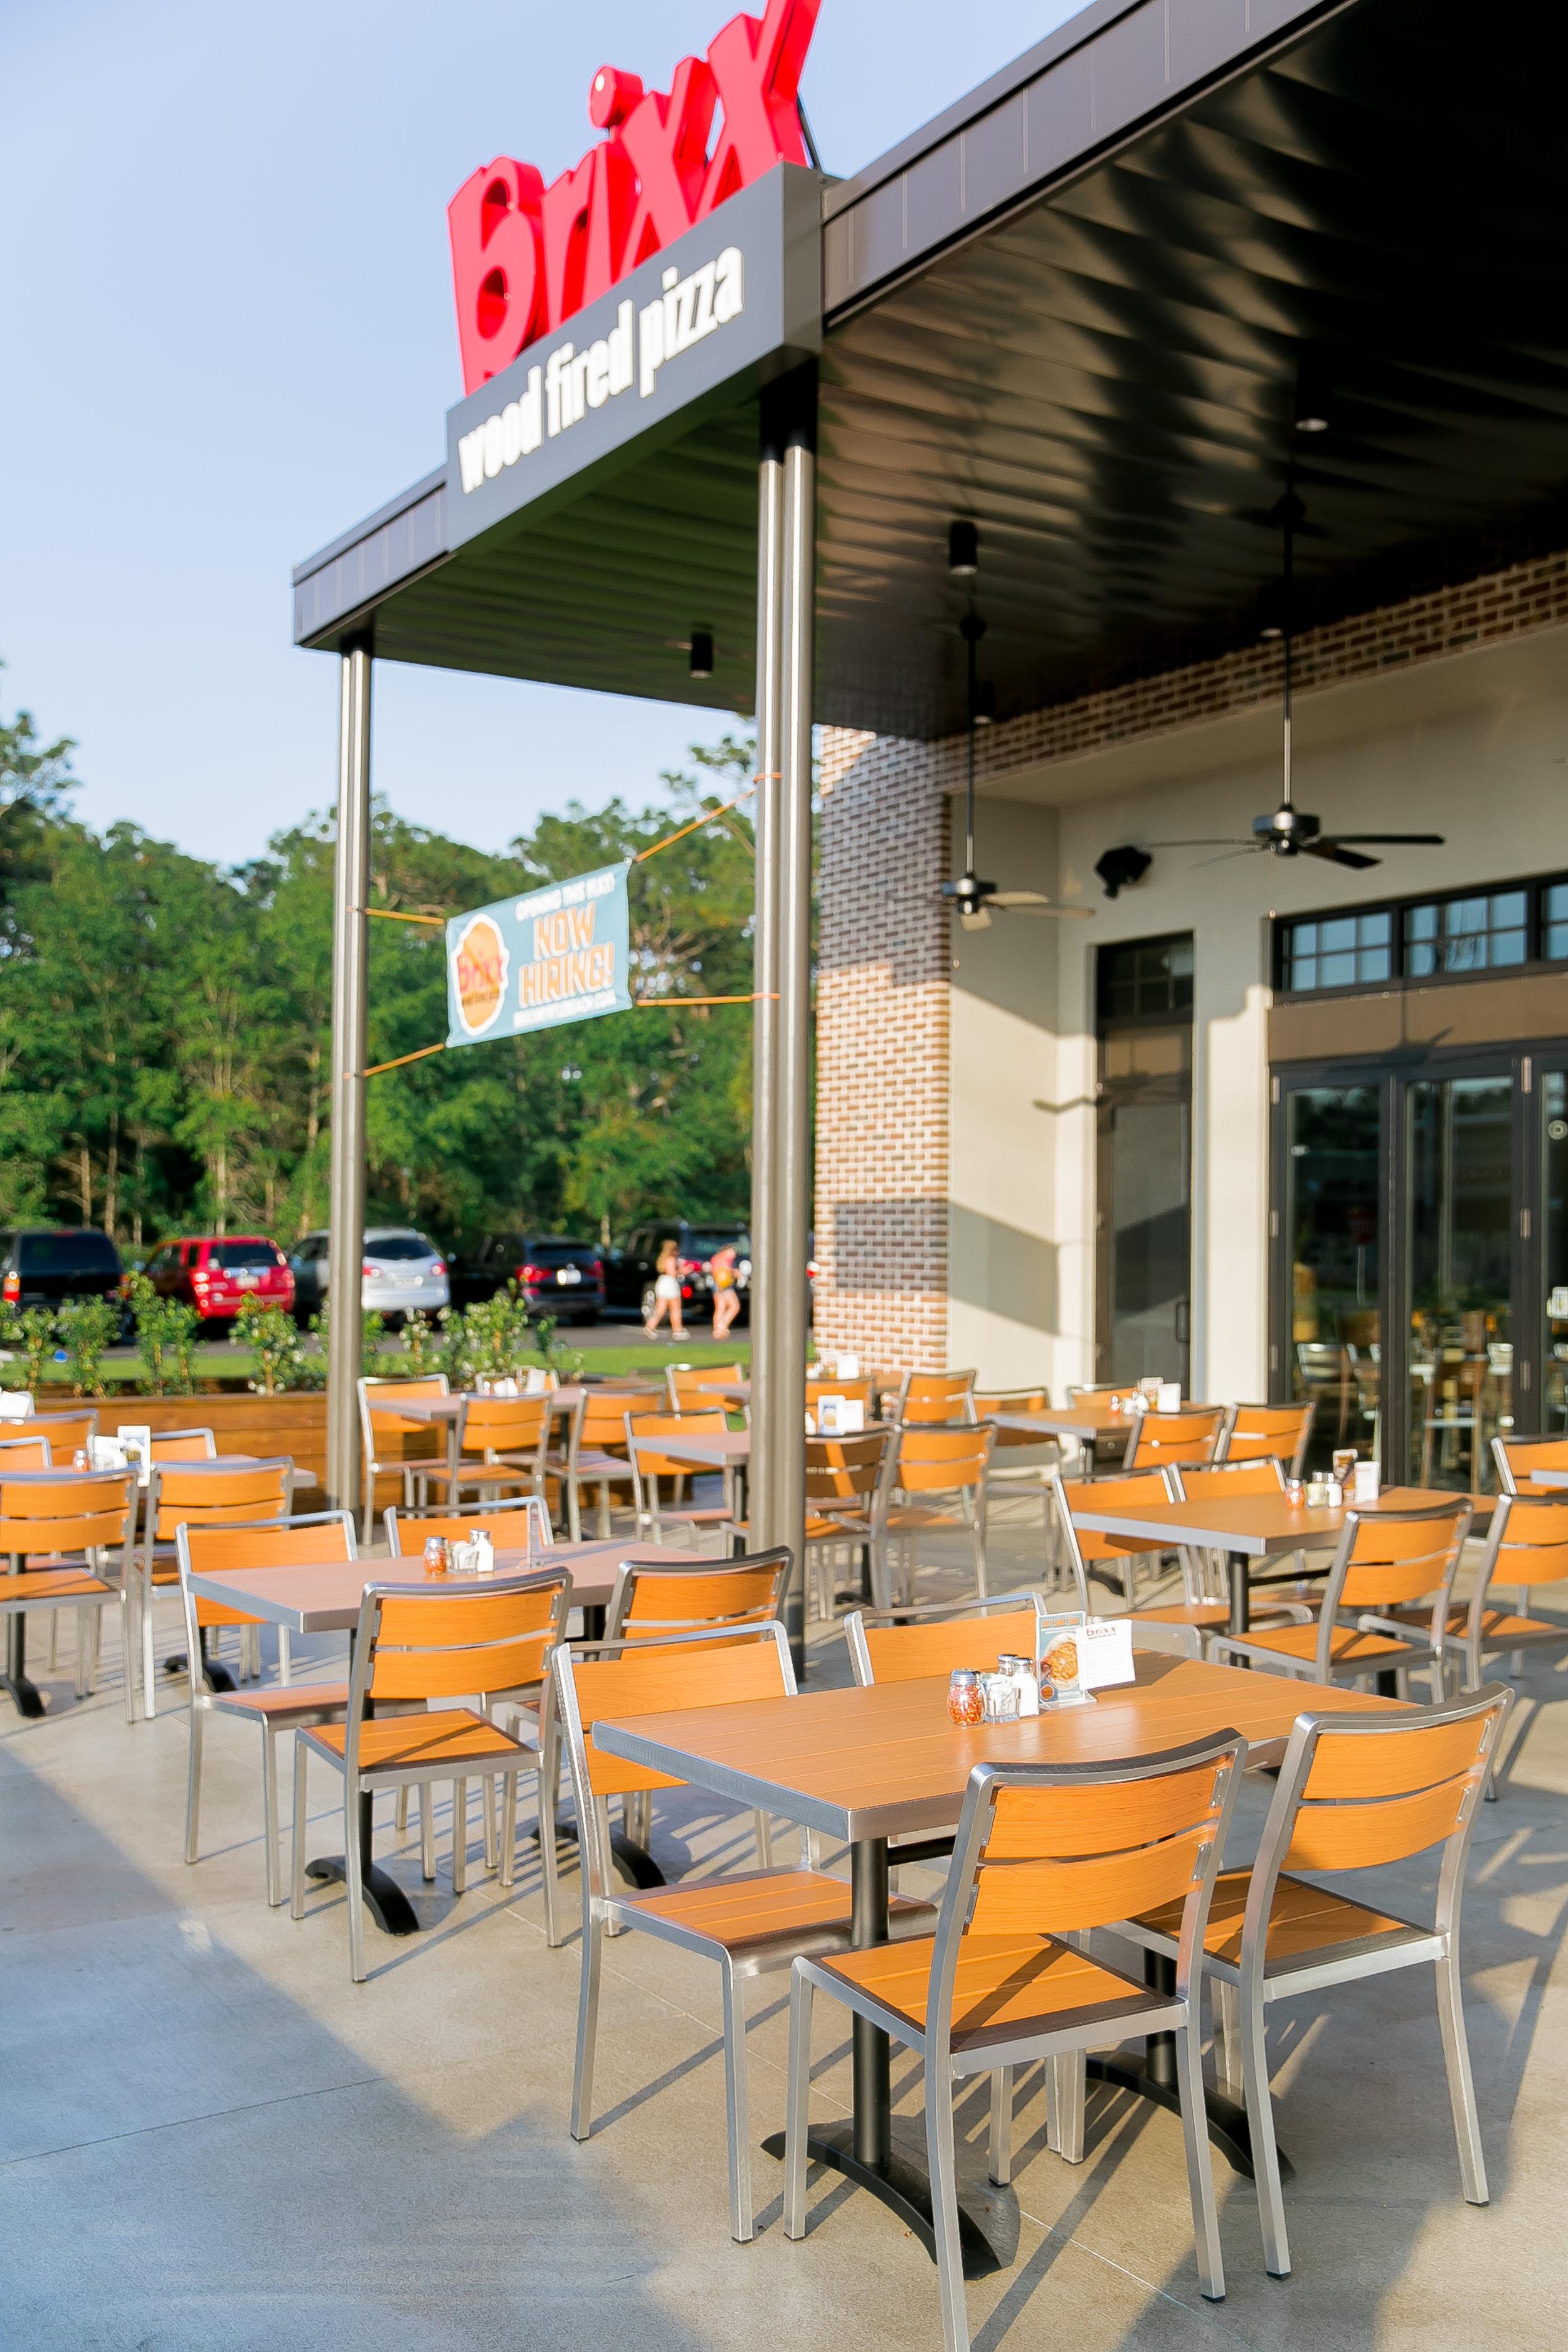 ADW-Restaurant-Brixx-Myrtle-Beach-NC-Outdoor-Dining.jpg